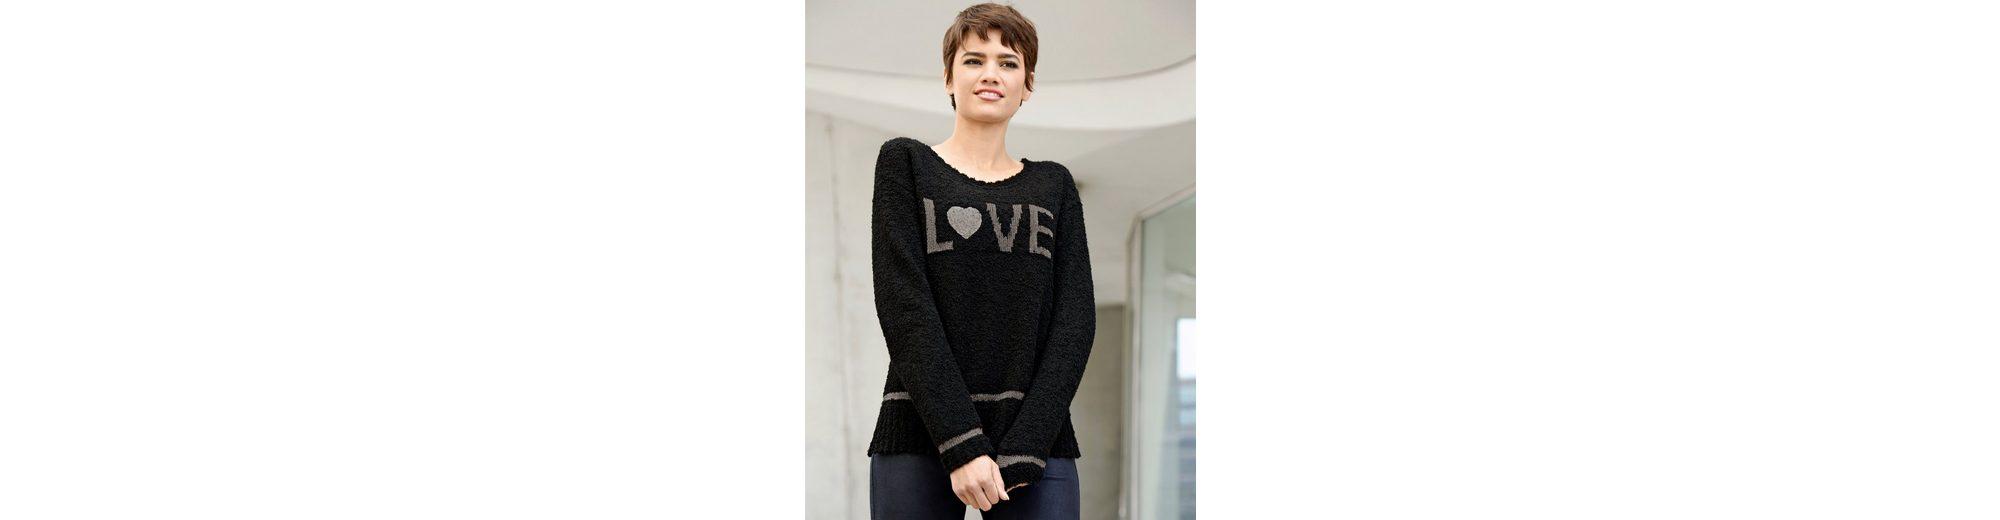 Amy Vermont Pullover mit Schriftzug 100% Authentisch Günstig Online Manchester Online Verkauf Verkauf Online oXqPEFTSgP